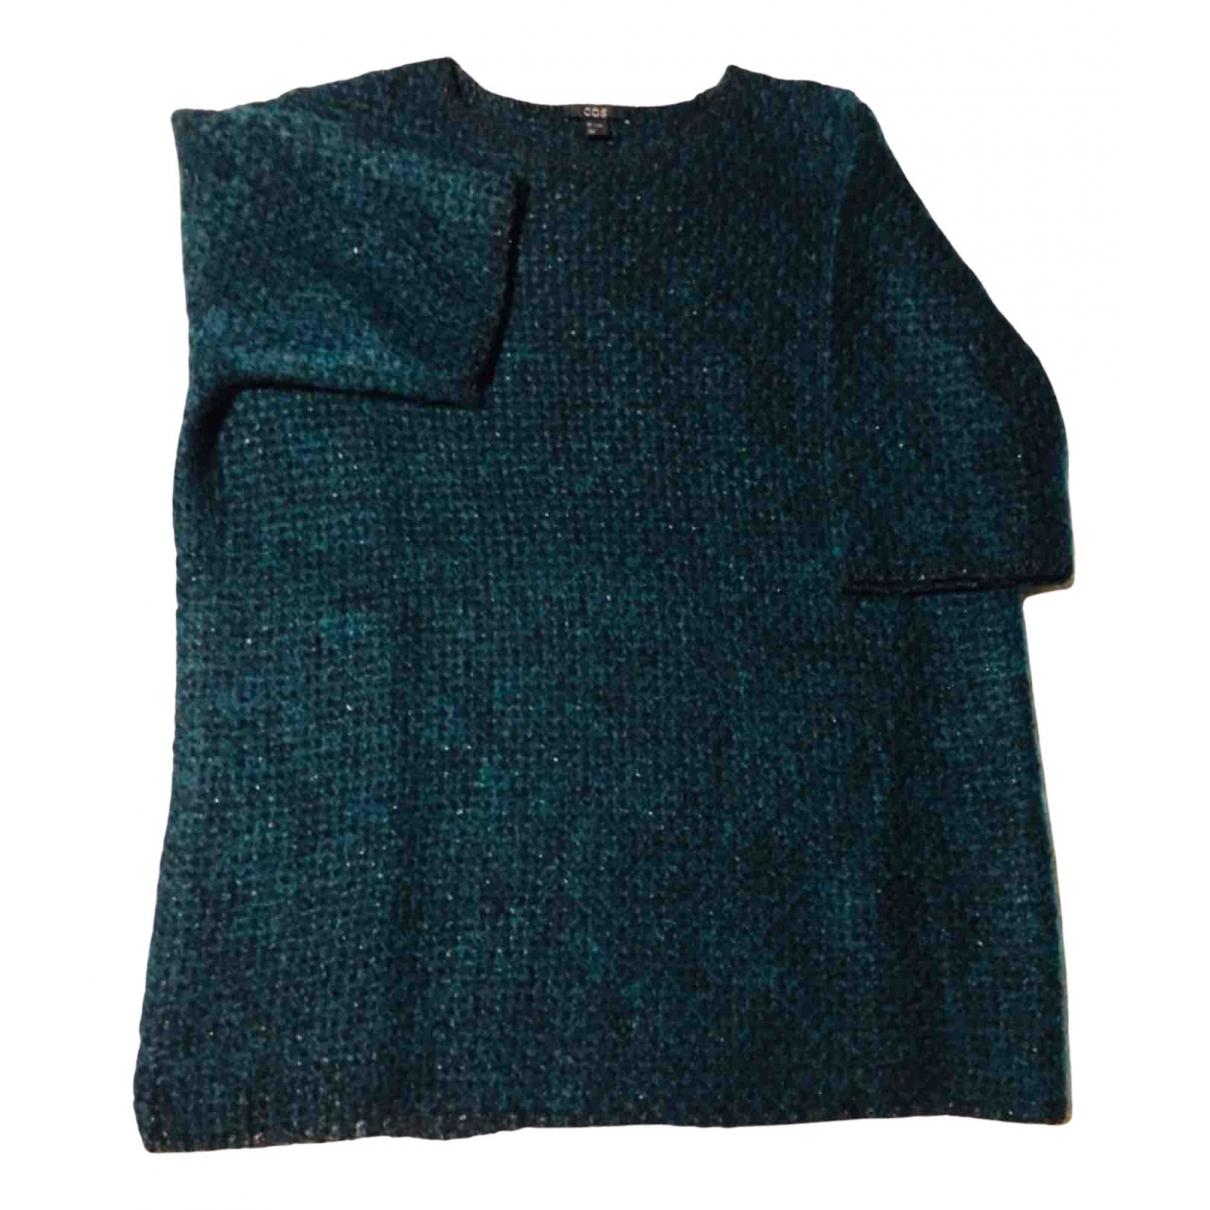 Cos N Green Wool Knitwear for Women 40 IT